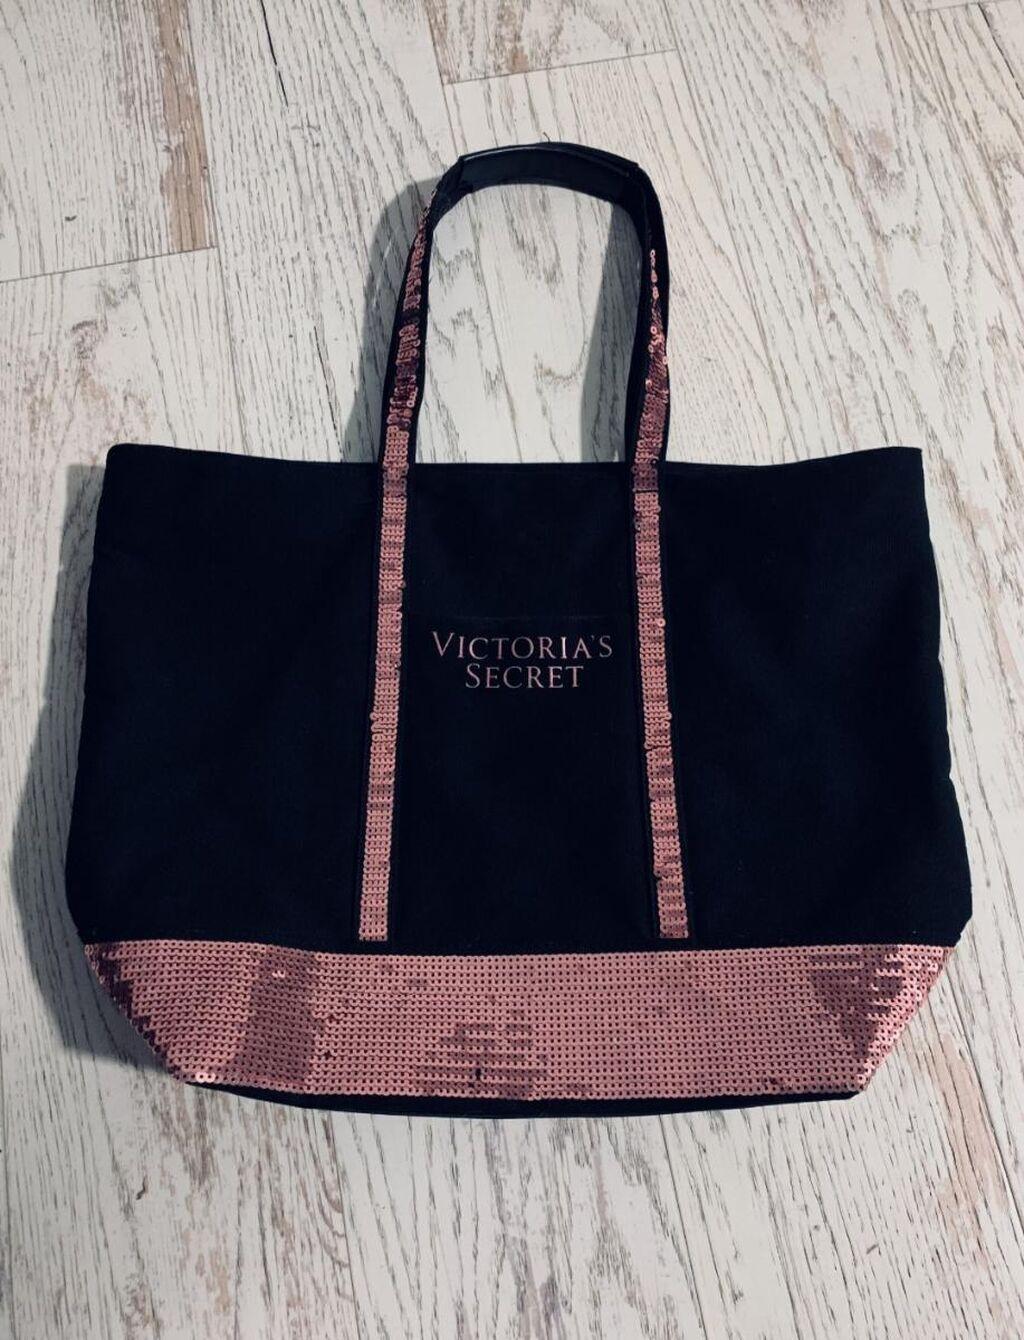 Victoria's Secret original torba Victoria's Secret-Original zenska torba-(NOVA KOLEKCIJA) Veoma lepa i prostrana, ultra moderna sa pink sljokicama